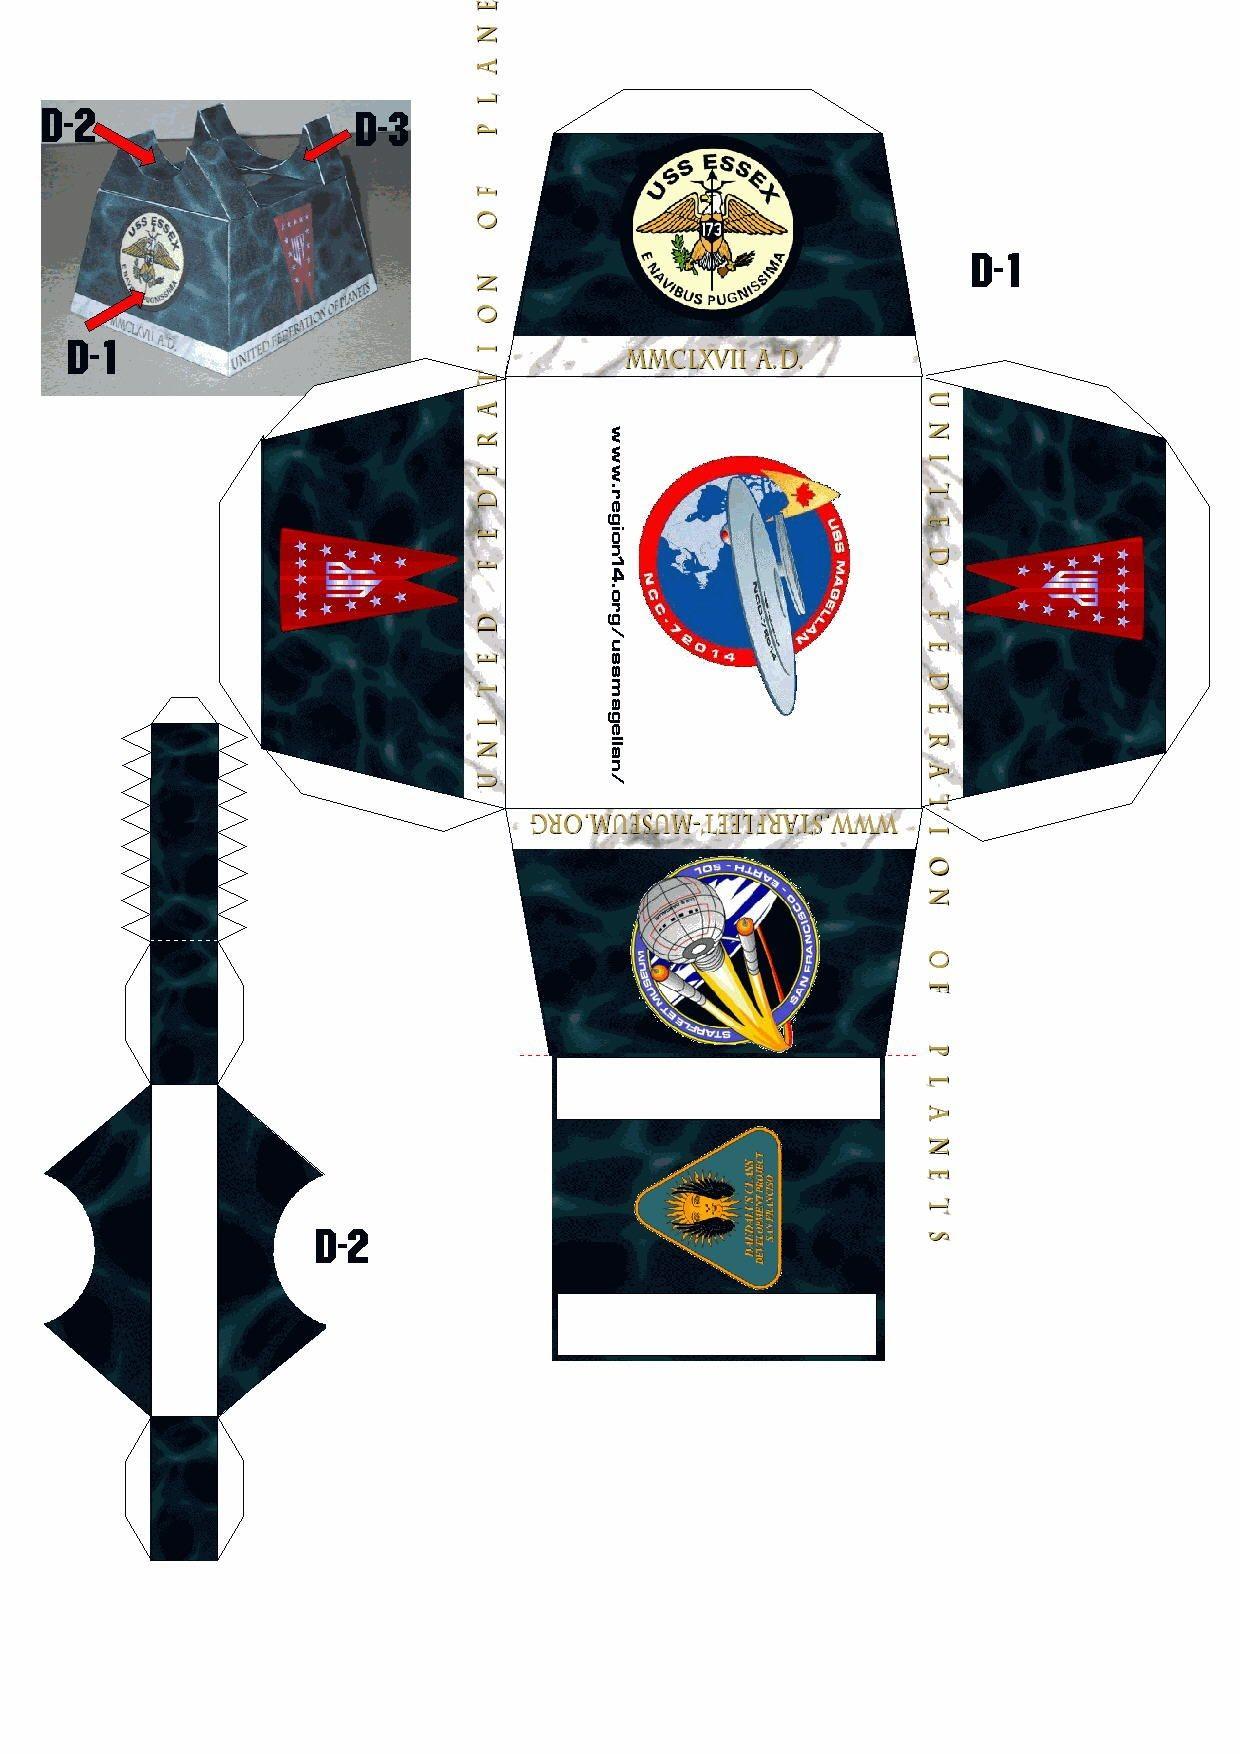 Papercraft Star Trek Uss Es A Daedalus Class Starship Card Paper Models